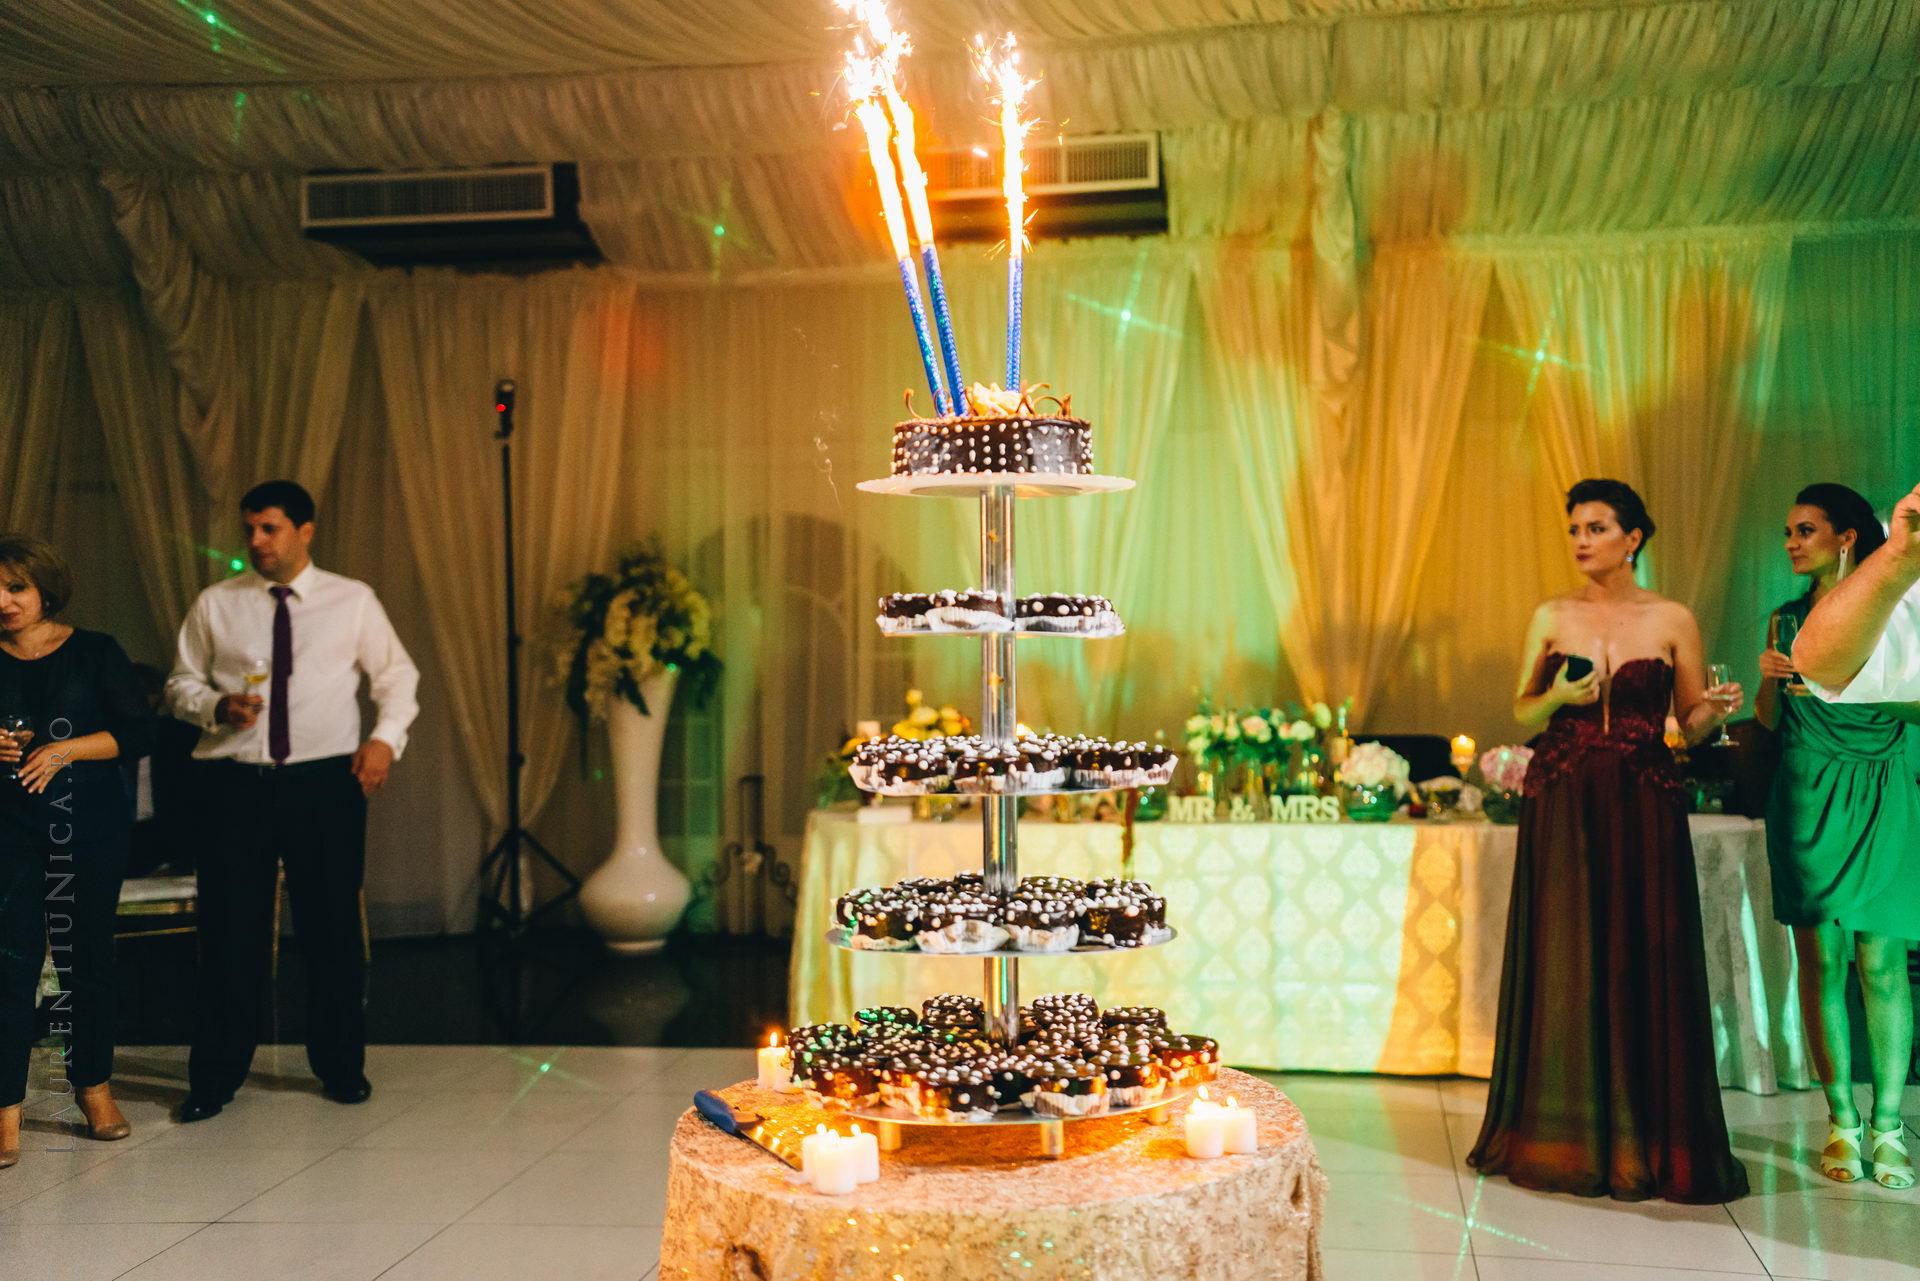 lavinia si adi fotograf laurentiu nica craiova 079 - Lavinia & Adi | Fotografii nunta